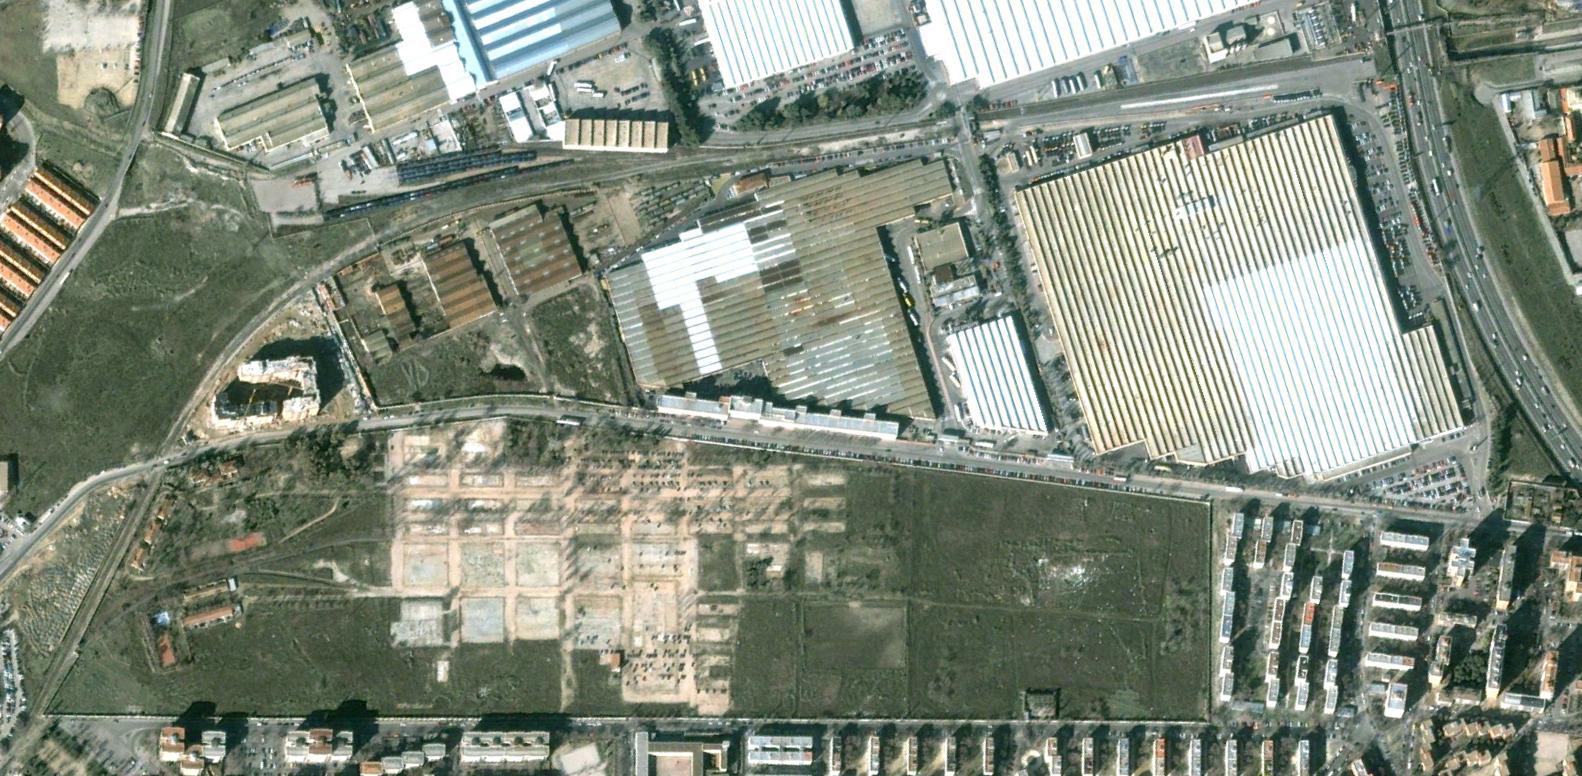 ciudad de los ángeles, madrid, lololond, antes, urbanismo, planeamiento, urbano, desastre, urbanístico, construcción